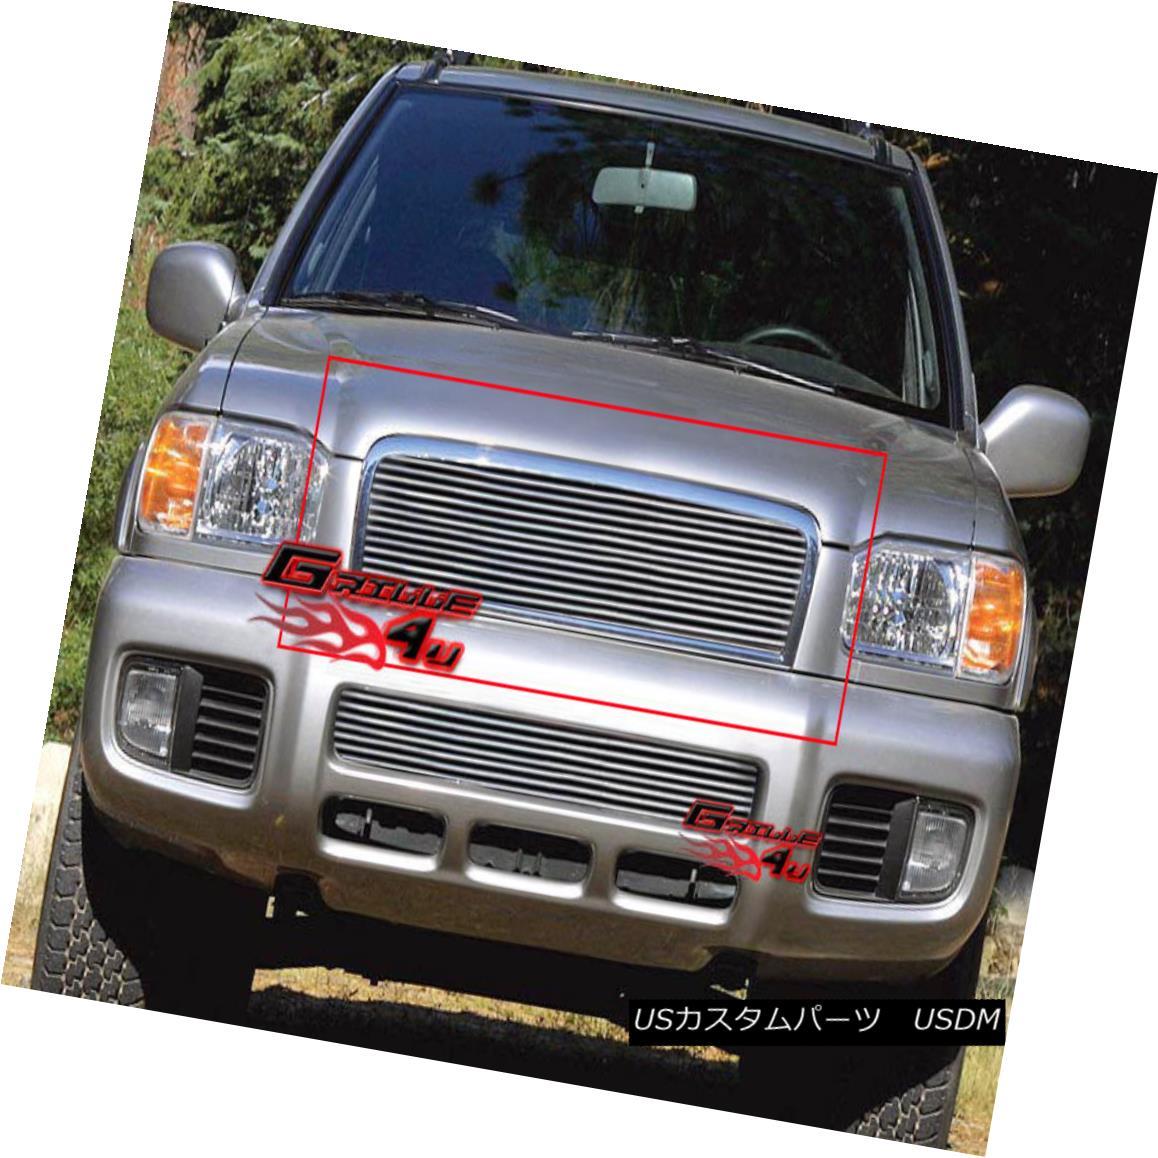 グリル Fits 2000-2001 Nissan Pathfinder Main Upper Billet Grille Grill Insert フィット2000-2001日産パスファインダーメインアッパービレットグリルグリルインサート